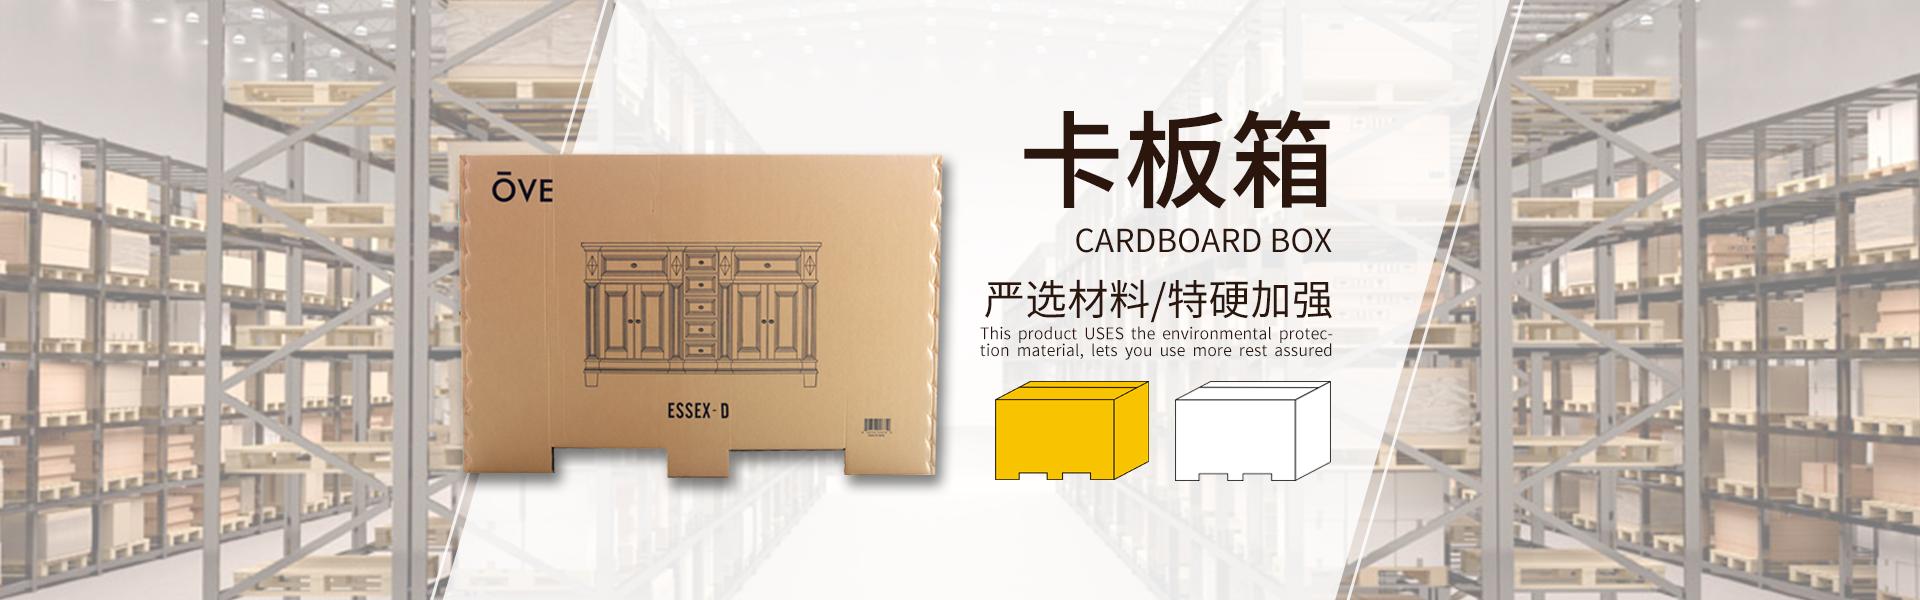 肇庆旺丰纸品是一家集飞机盒包装、天地盒、飞机盒纸箱、天地盖盒子的生产厂家